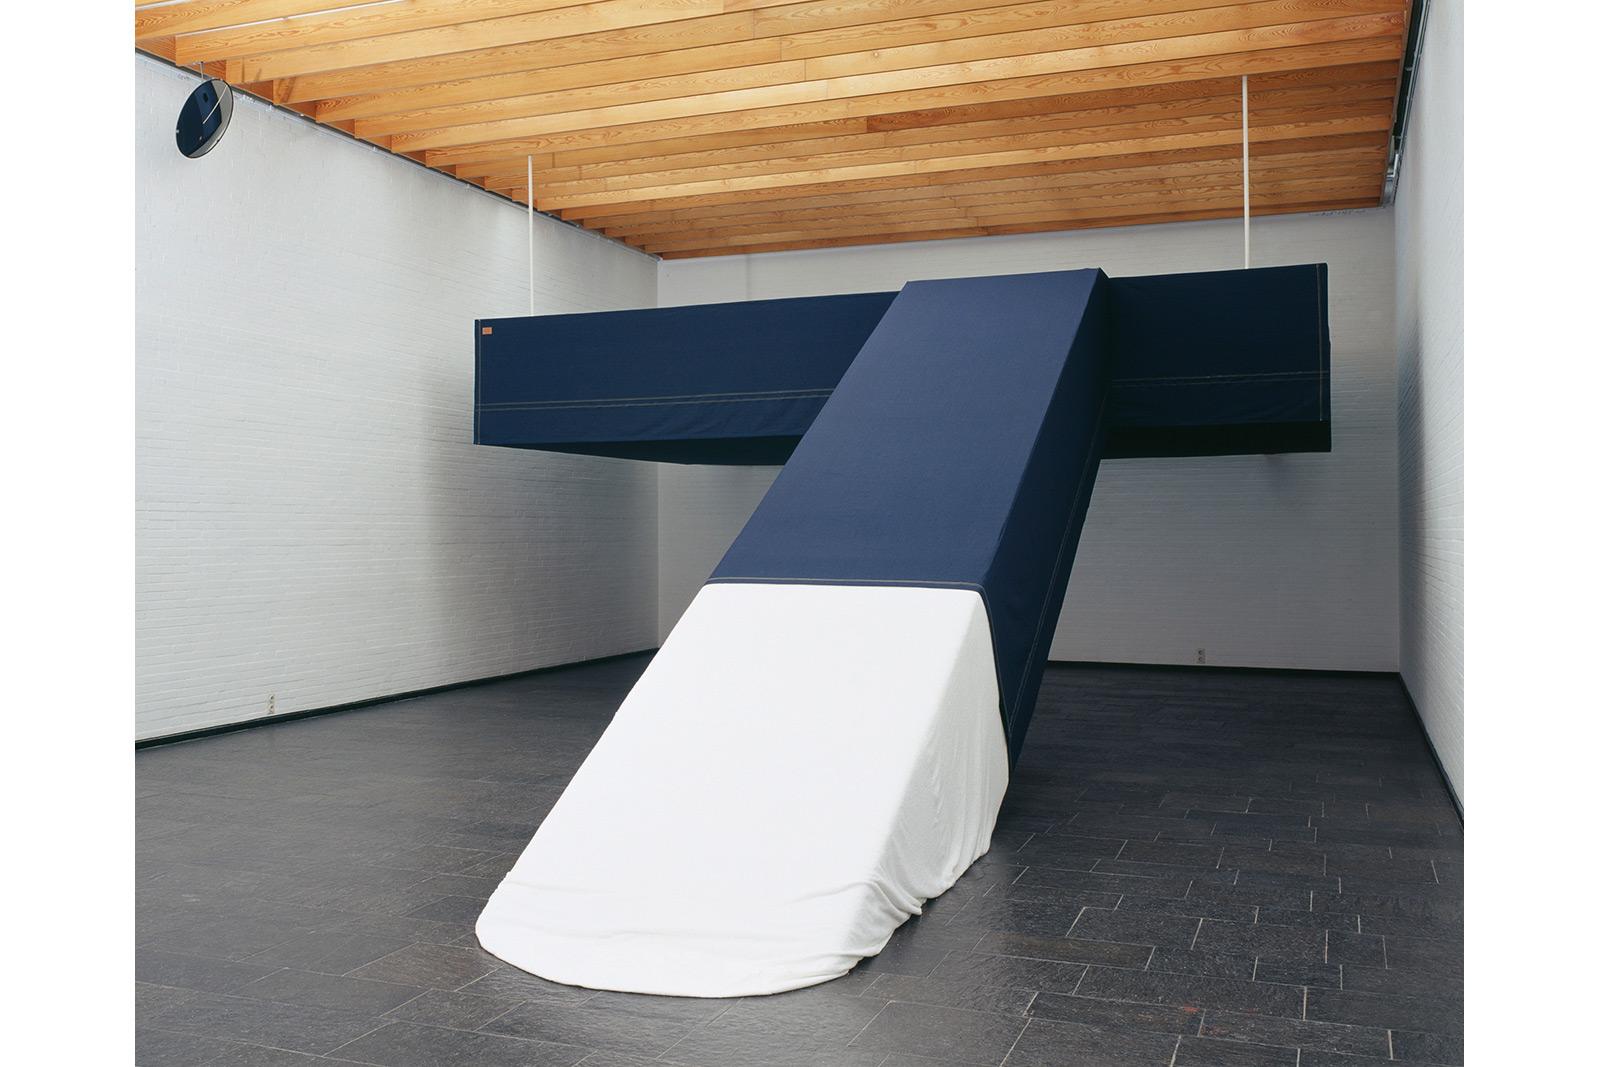 Kunsthalle Bremerhaven, 2002